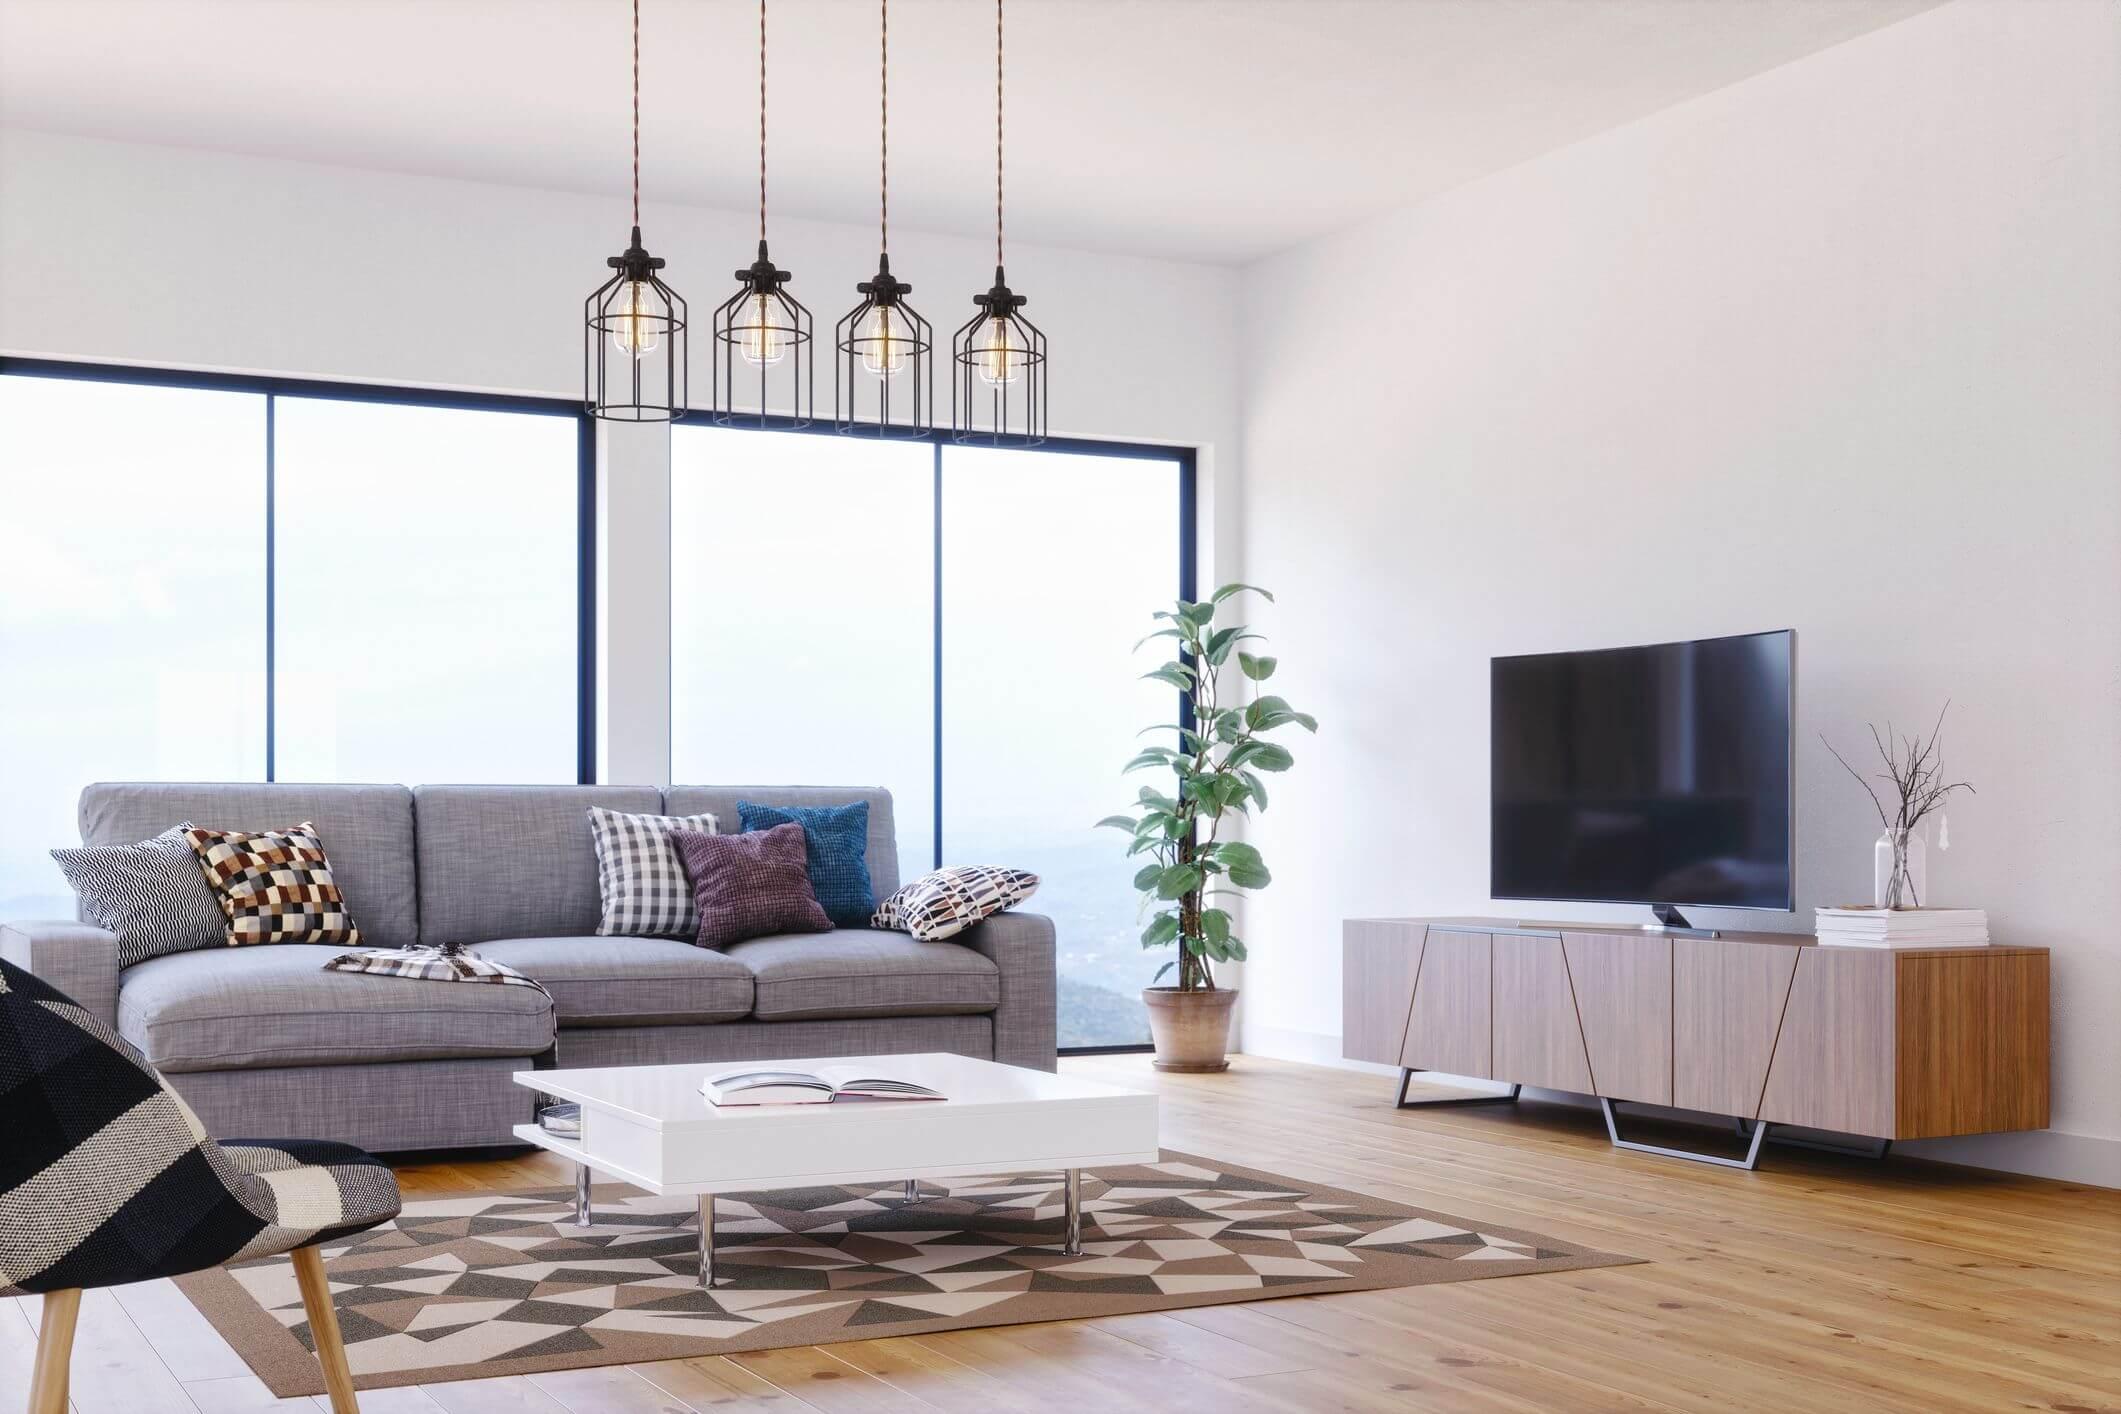 Màu sắc trong thiết kế nội thất đương đại